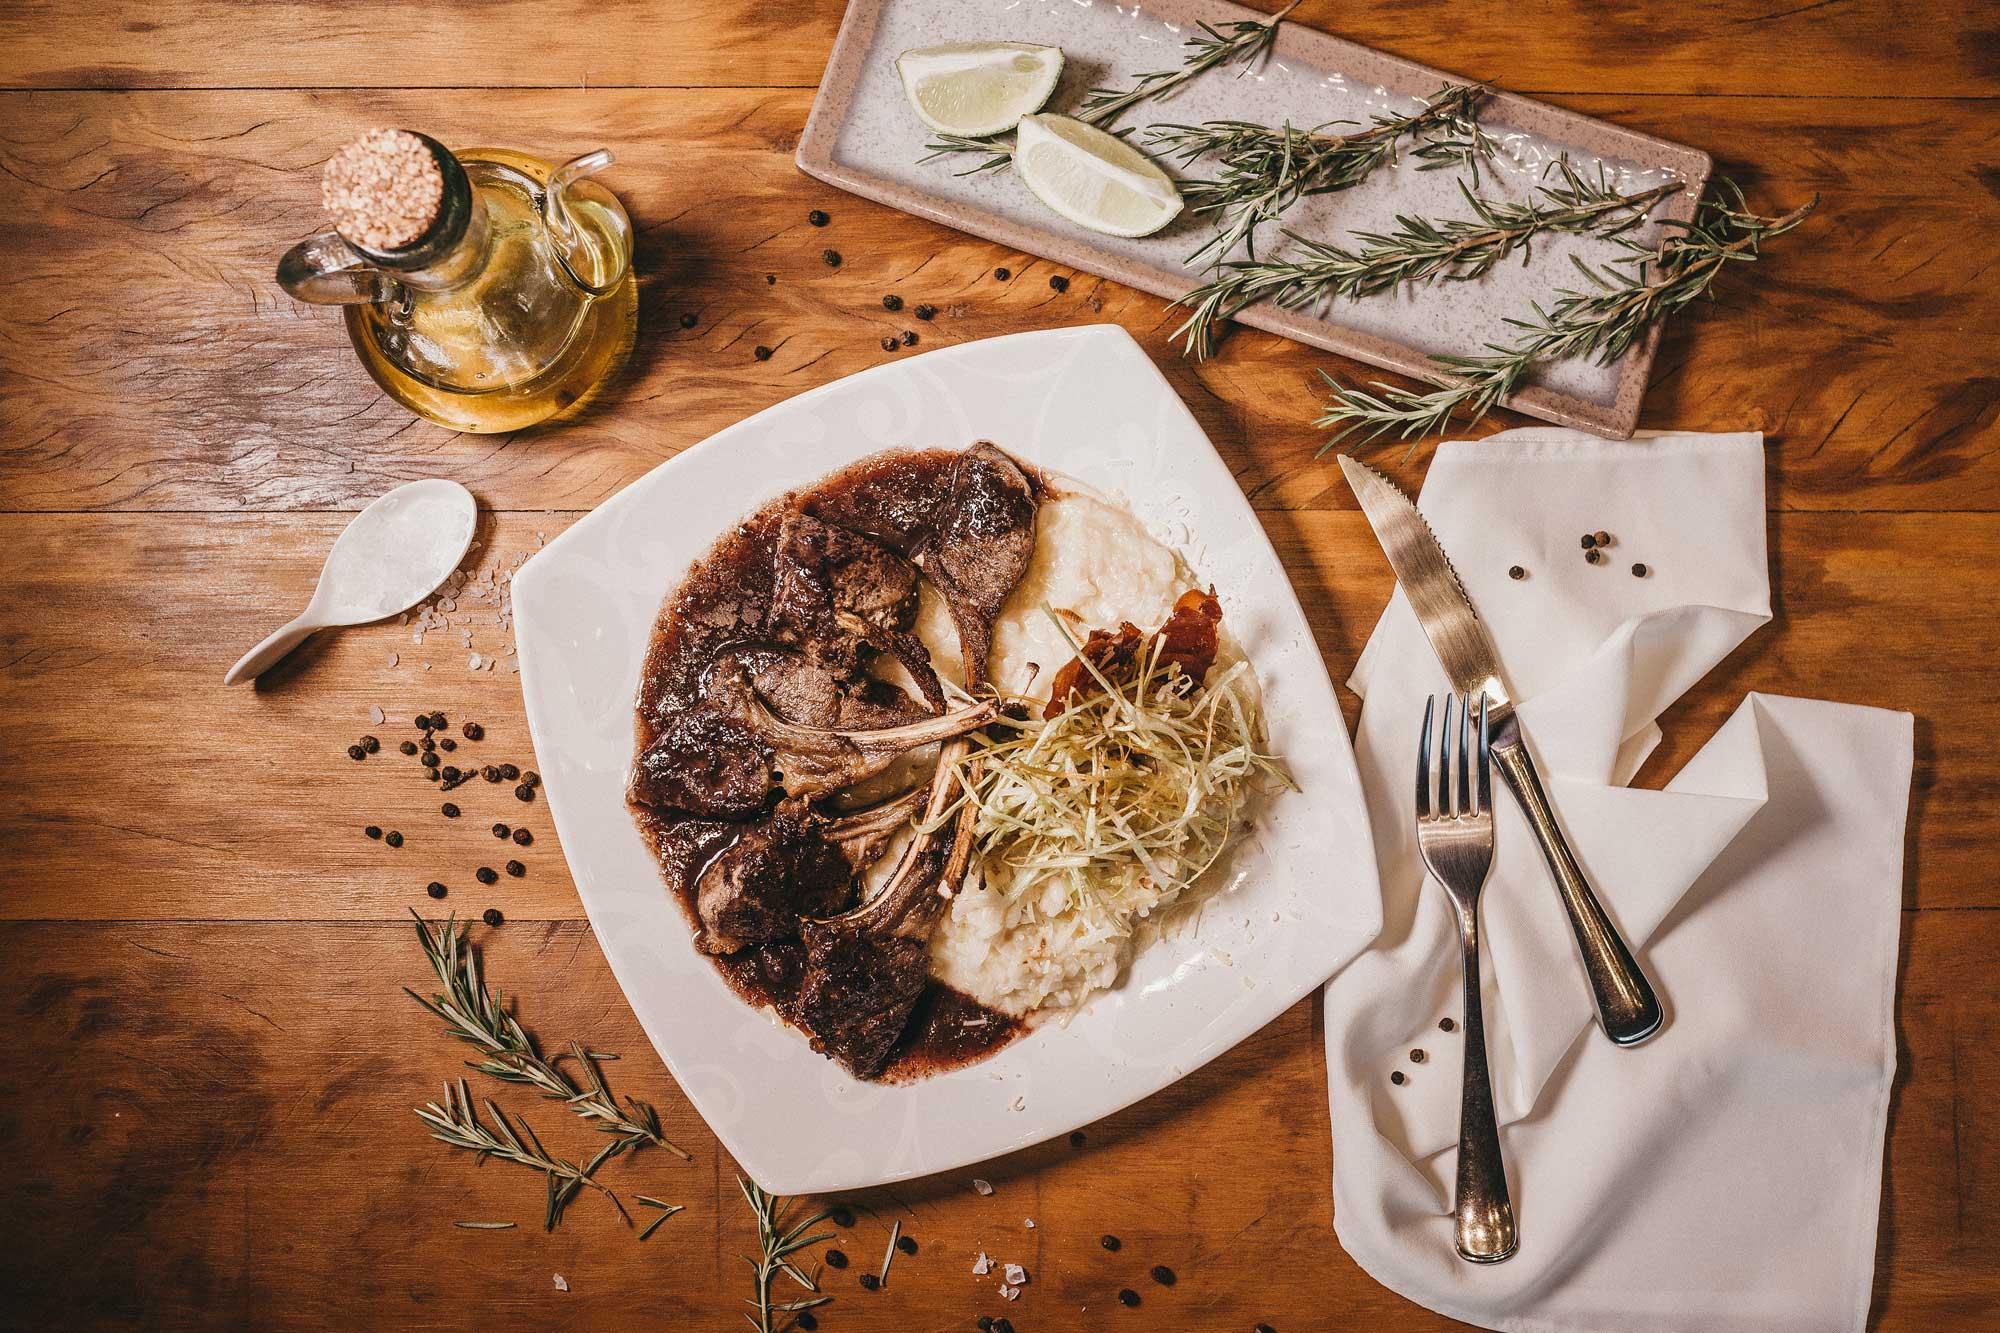 Teller mit Speisen auf einem Holztisch mit Kräutern und Öl